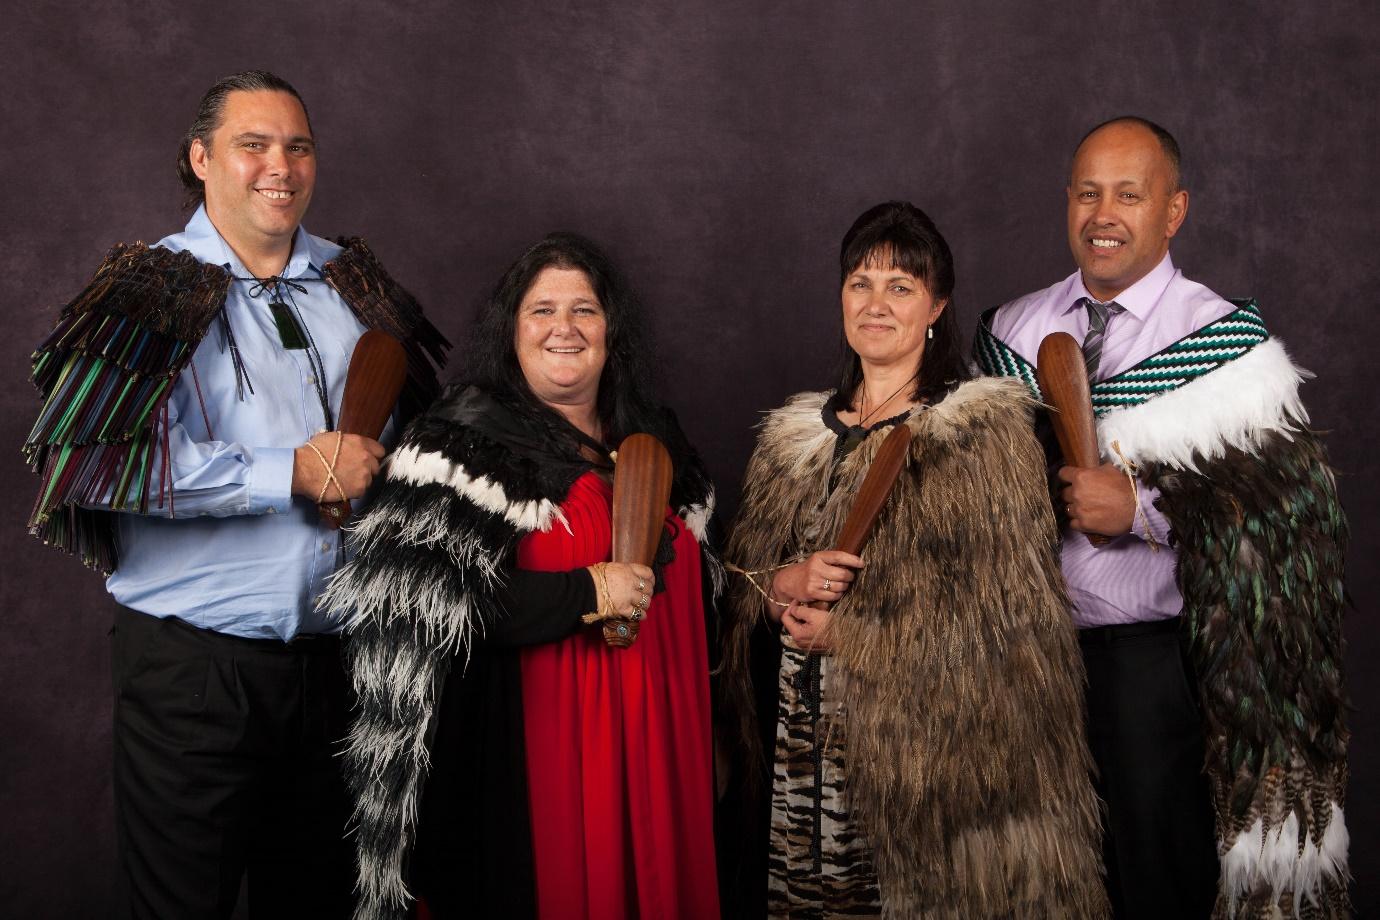 From left, Darren Solomon (Kāi Te Rakiamoa, Kāti Huirapa), Michelle Turrall (Ngāi Tūāhuriri, Ngāti Irakehu), Zhonia Rewiti (Te Atihaunui a Pāpārangi, Ngāti Tūwharetoa) and Nepia Reweti (Te Atihaunui a Pāpārangi, Ngāti Whātua, Rongowhakaata).